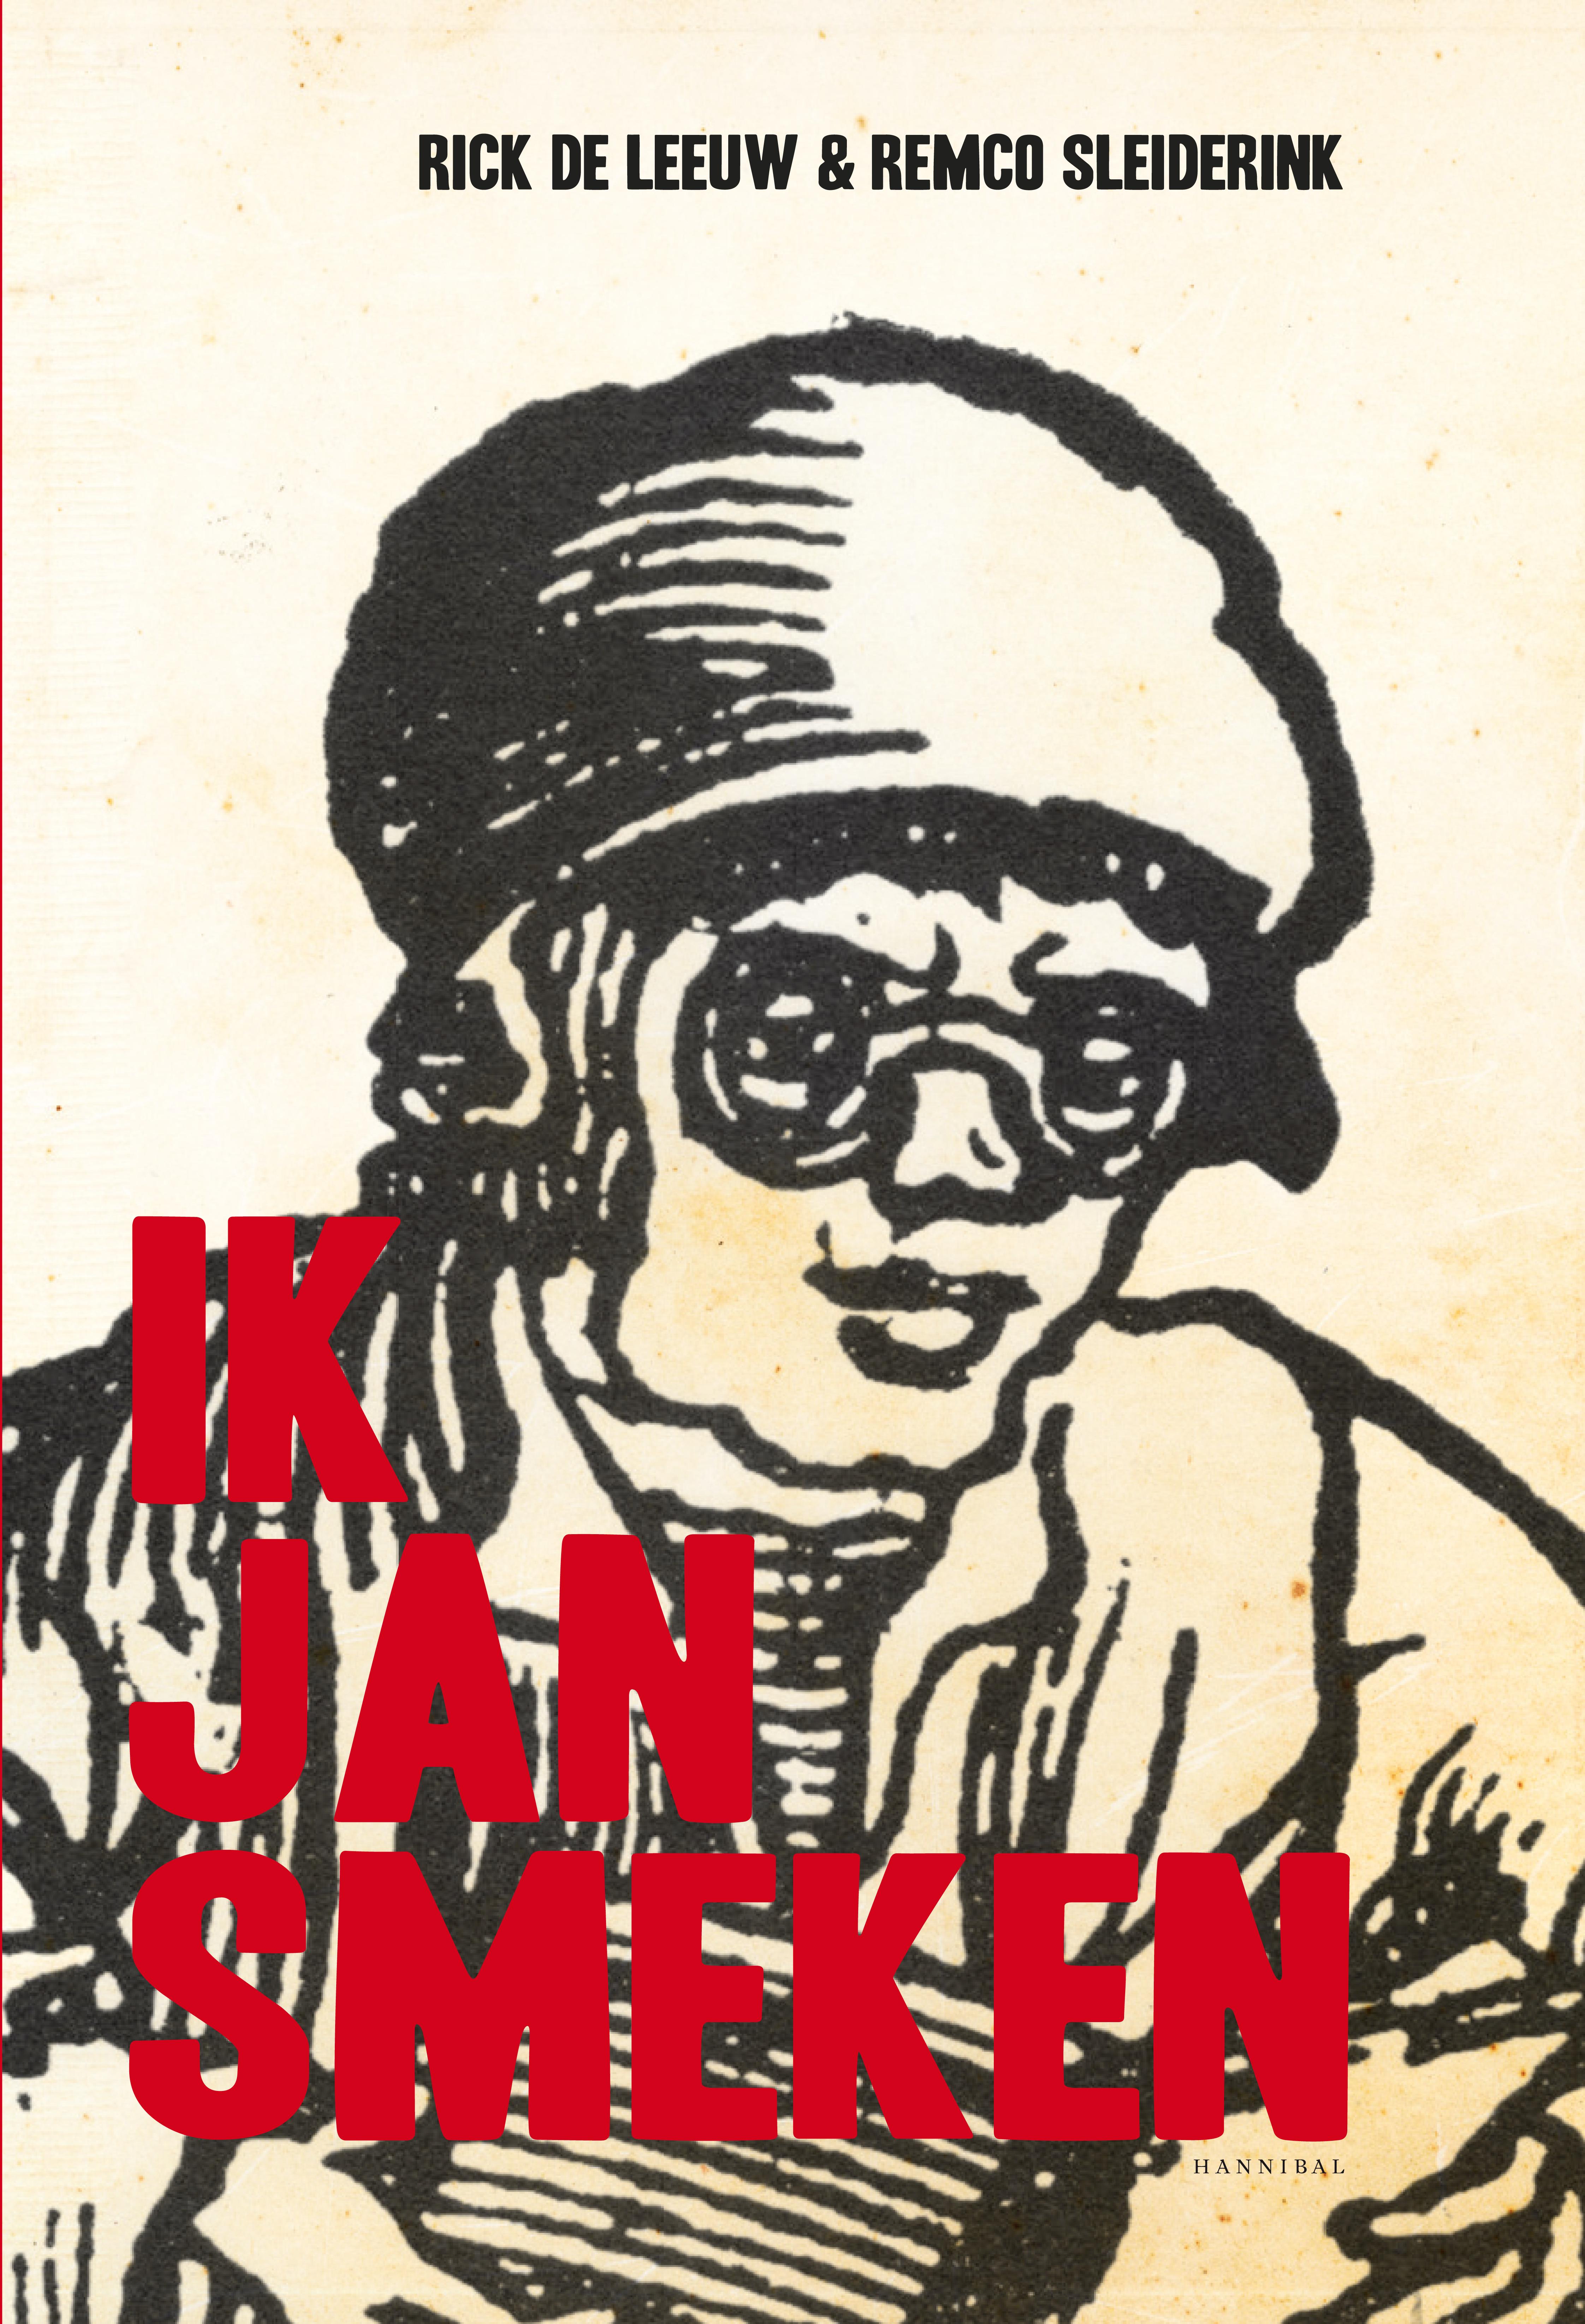 Ik Jan Smeken